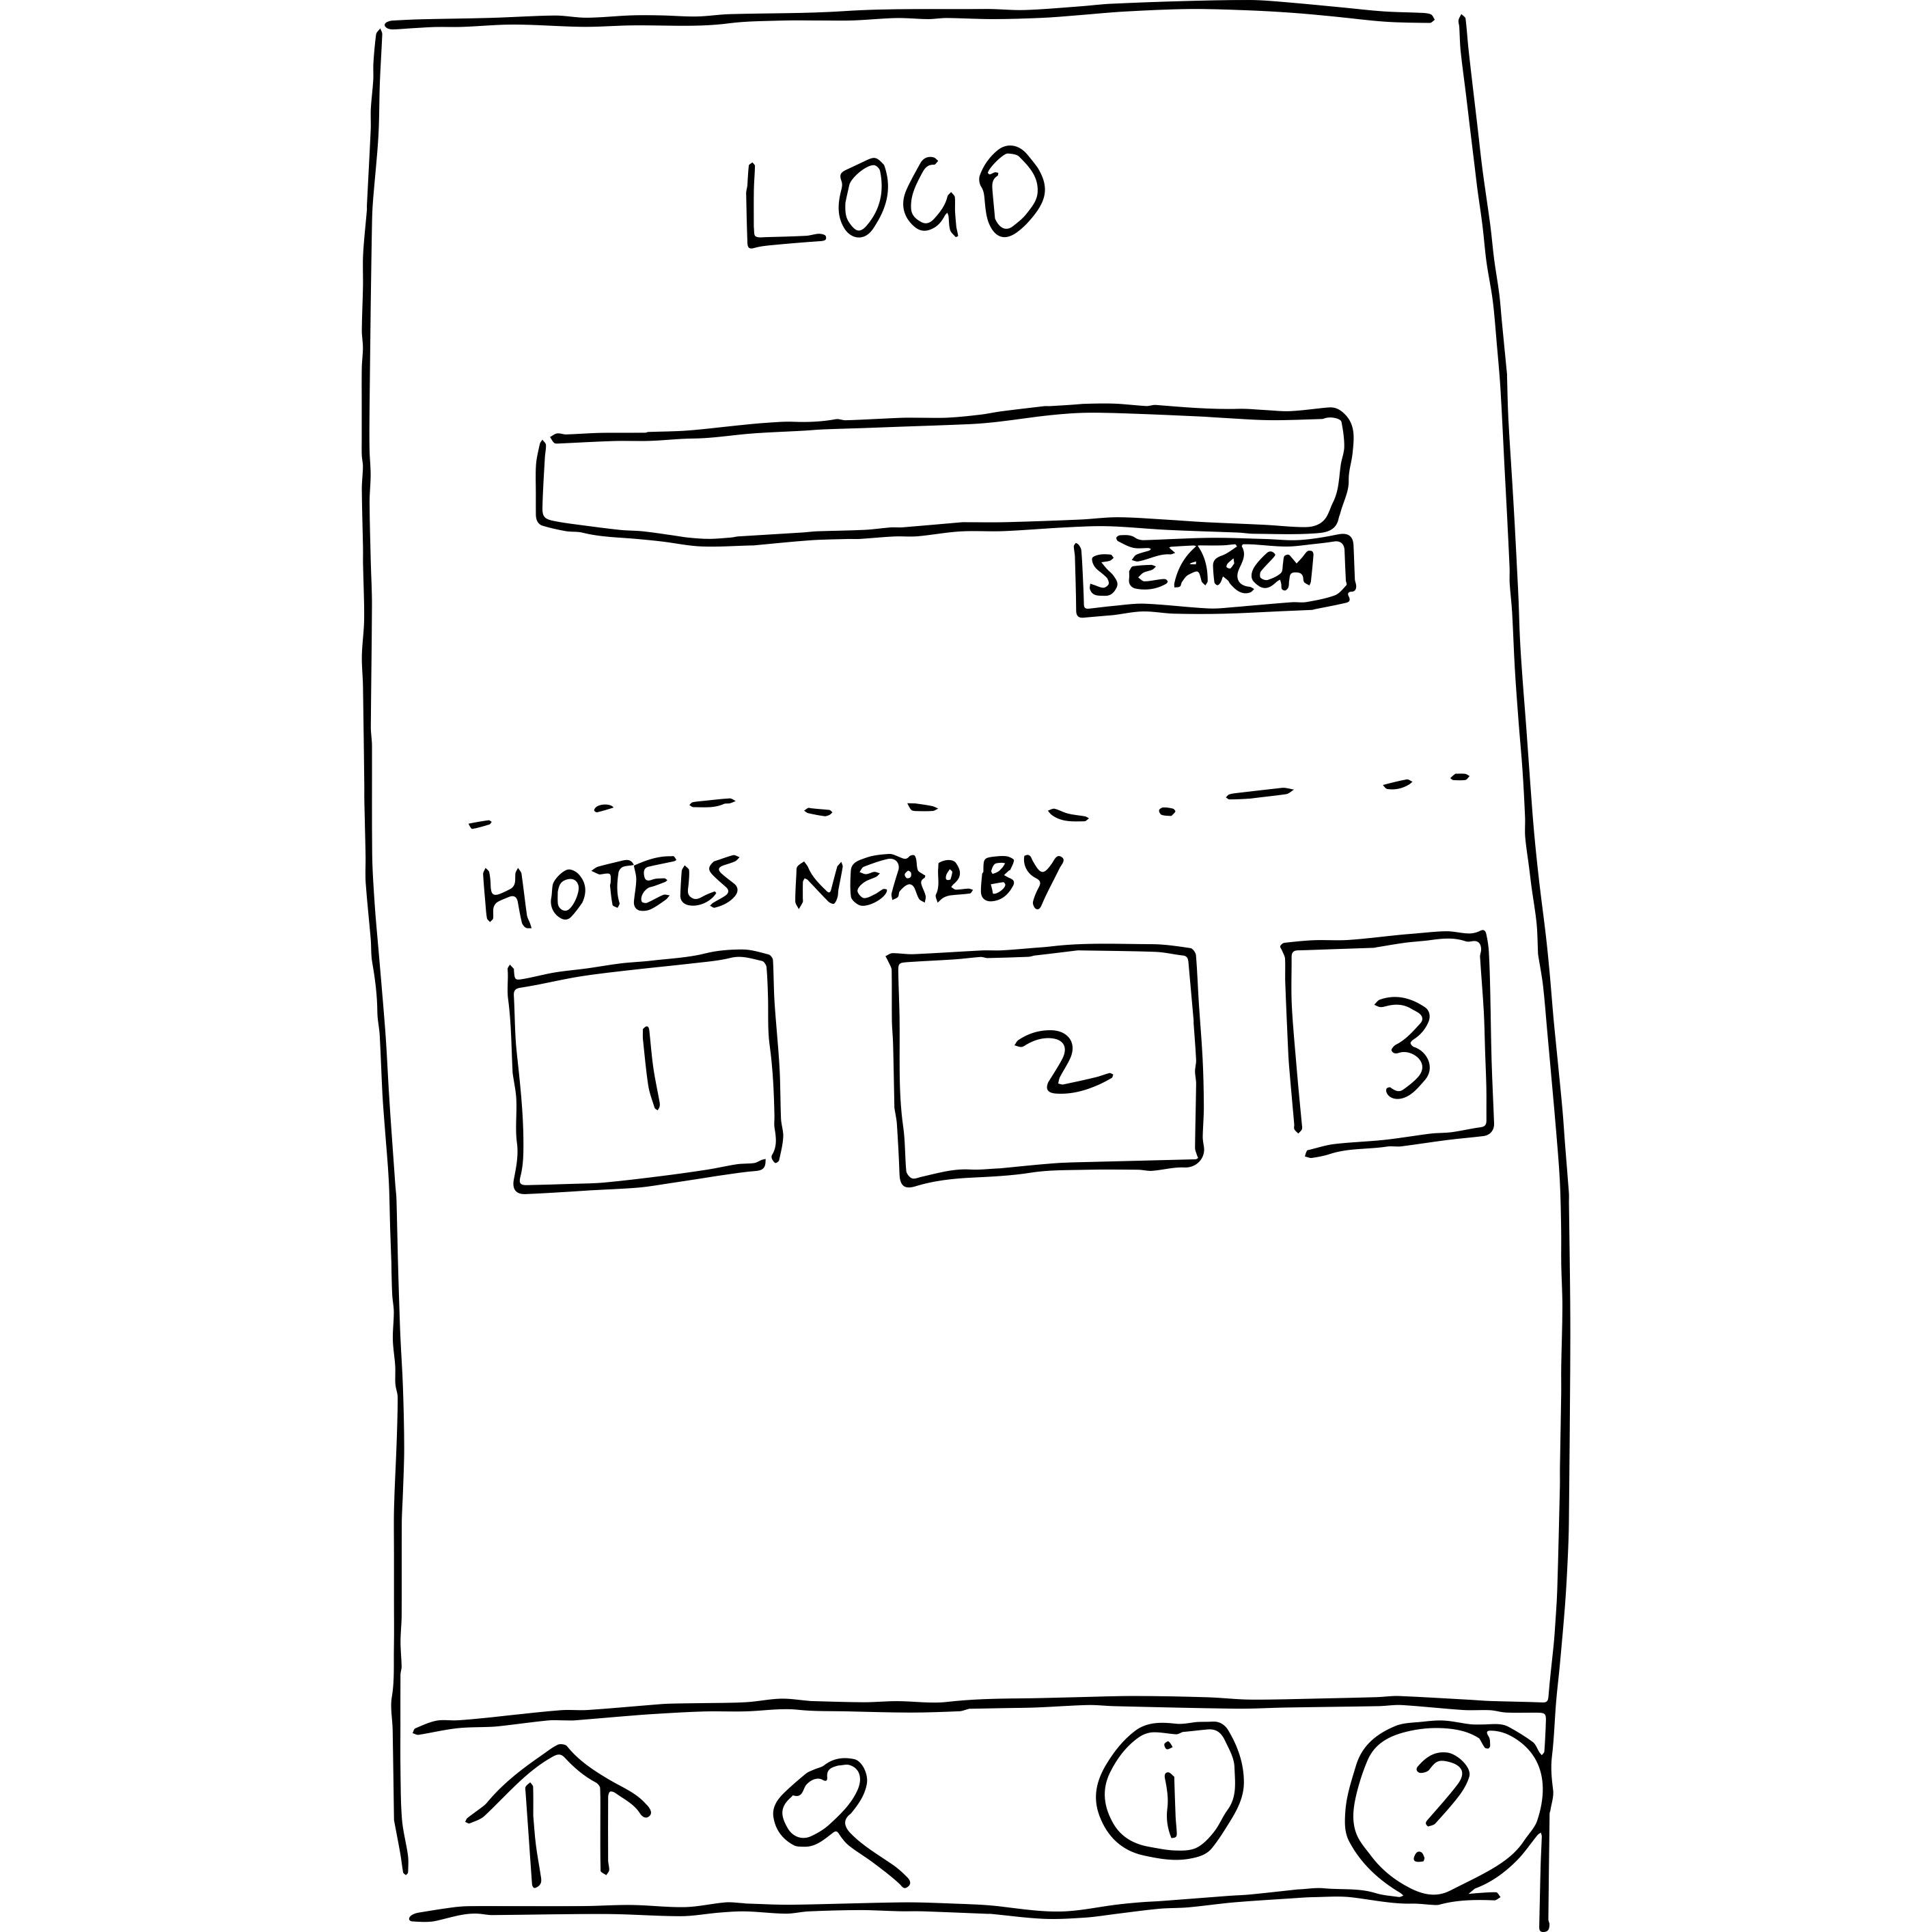 paper design search screen